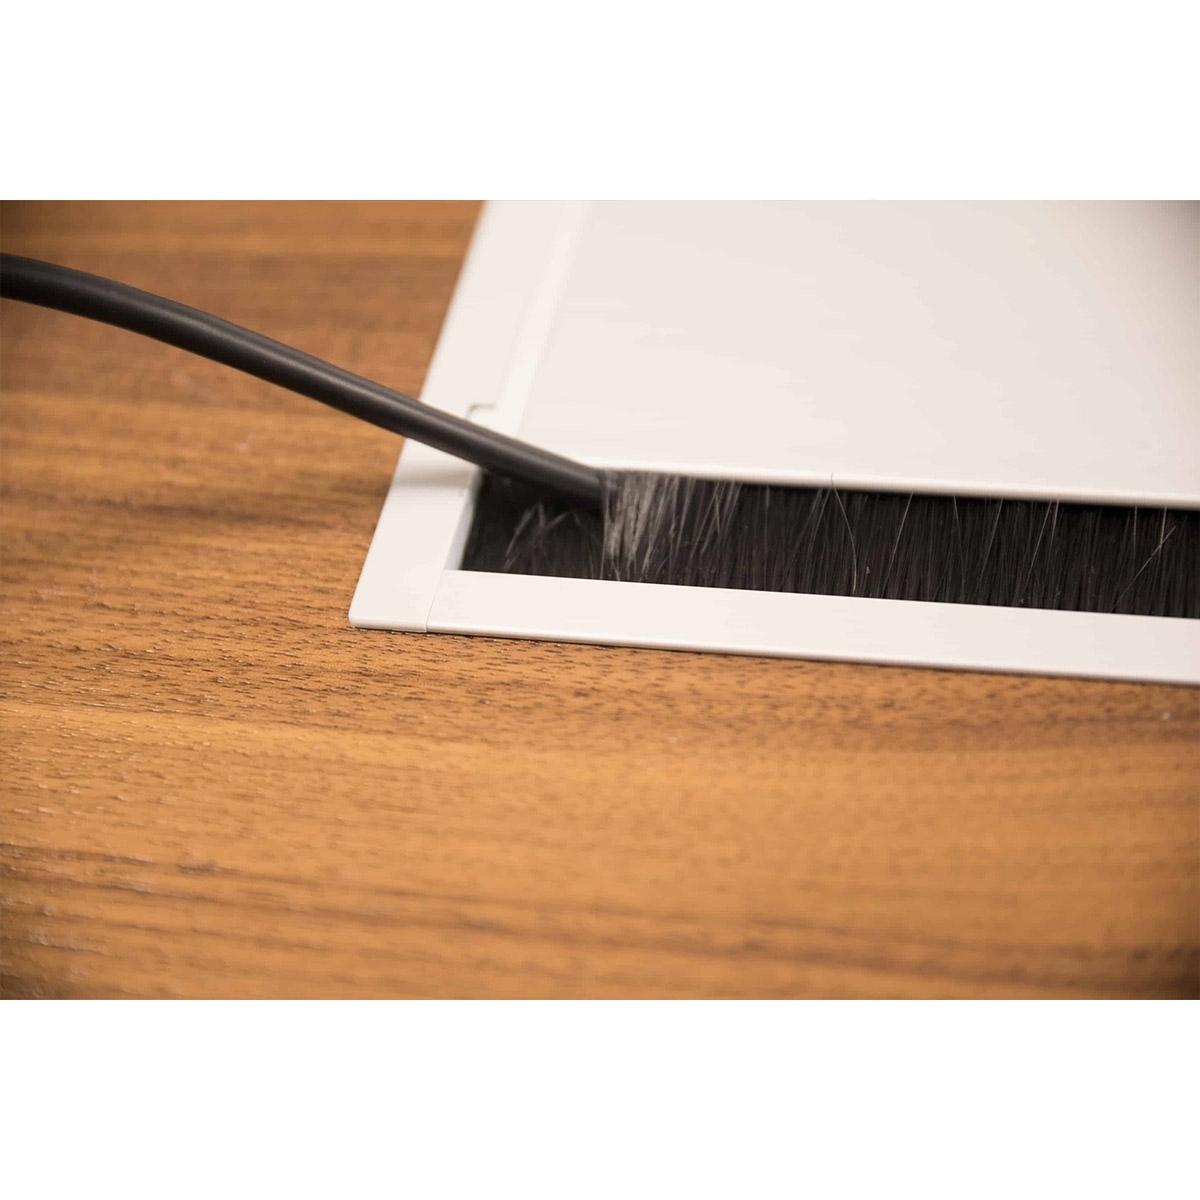 ABL 2U210MID - Короб для установки розеточных станций серии Link под стол с лючком длиной 347 мм, белый